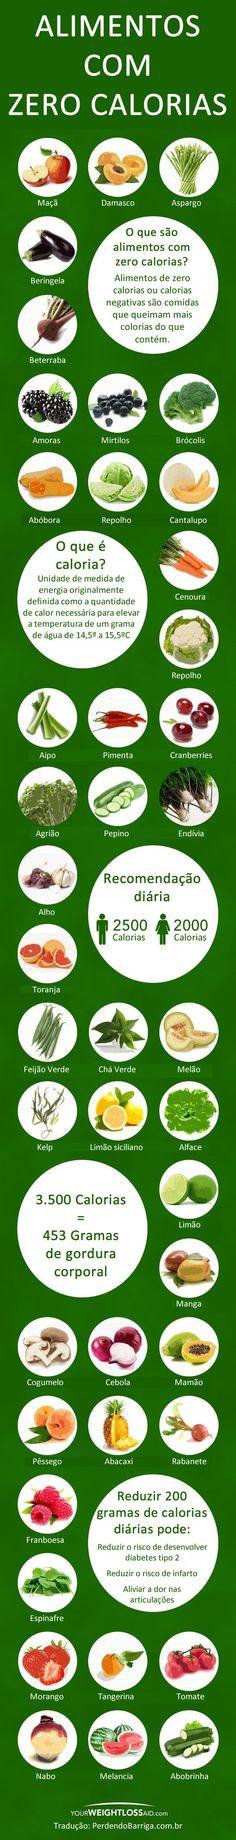 Alimentos zero calorias Mais Mais